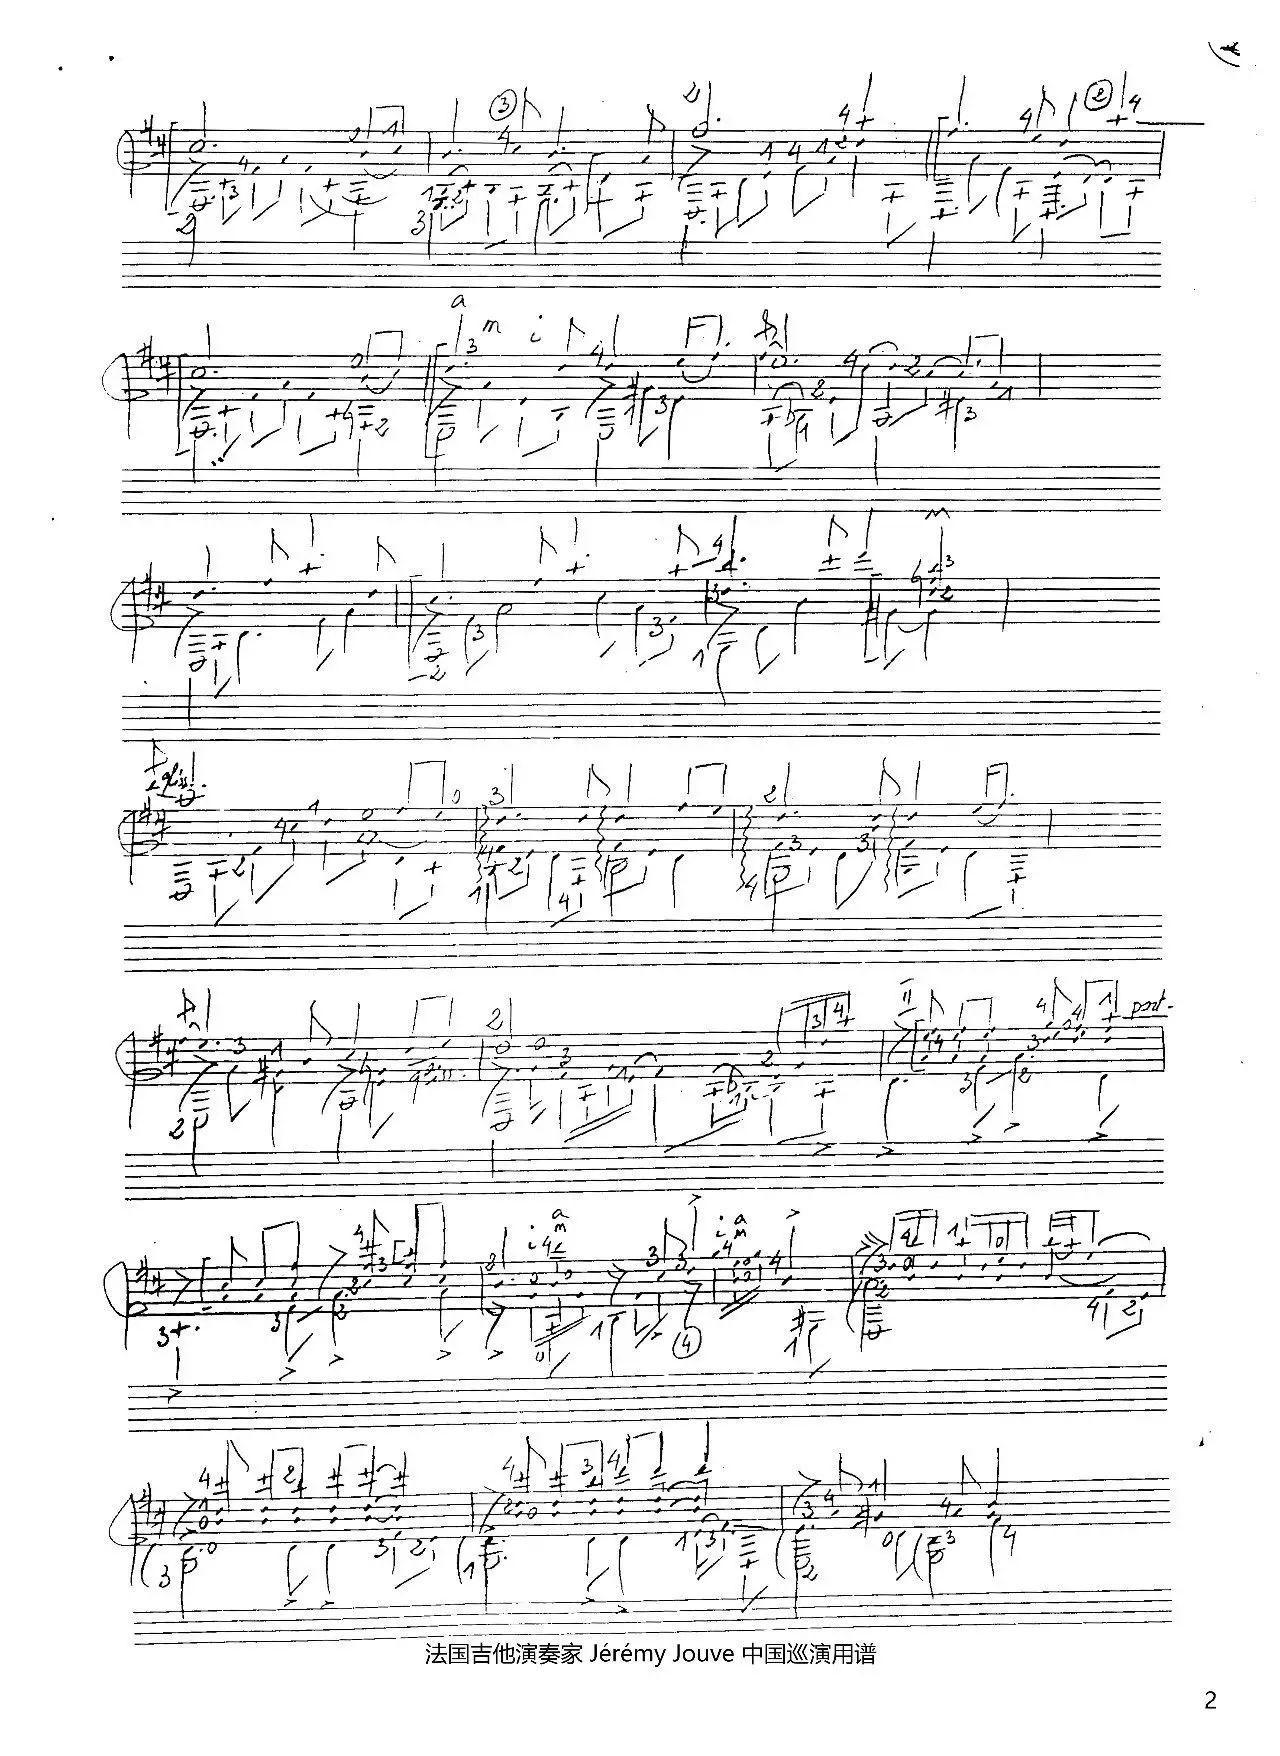 迪恩斯改编《月亮代表我的心》曲谱+杰雷米演奏视频